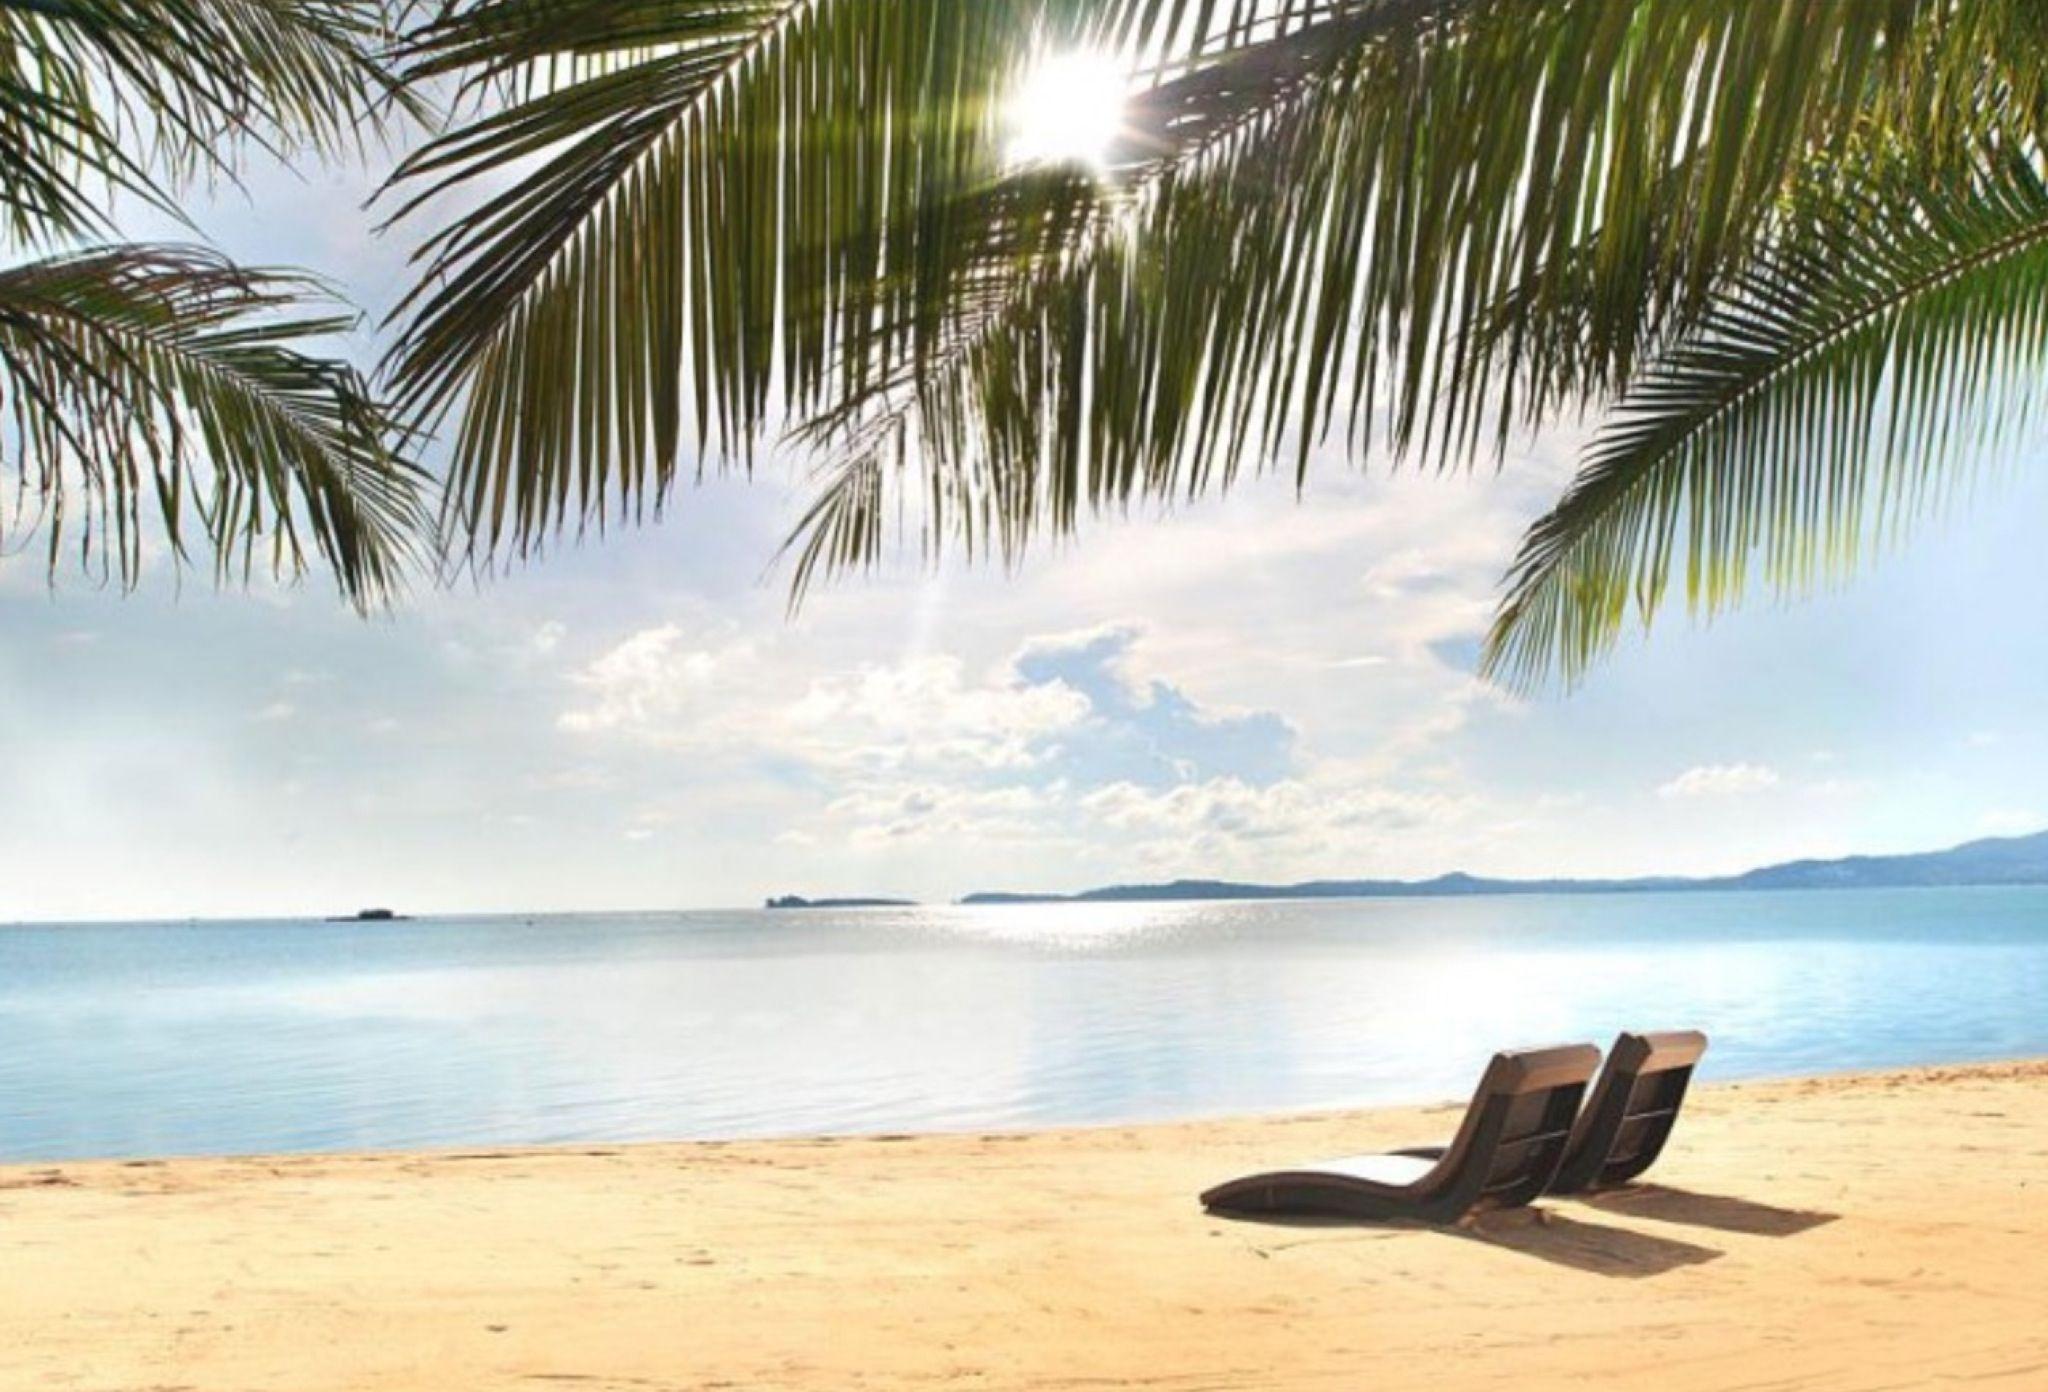 Tranquility Thailand Beach